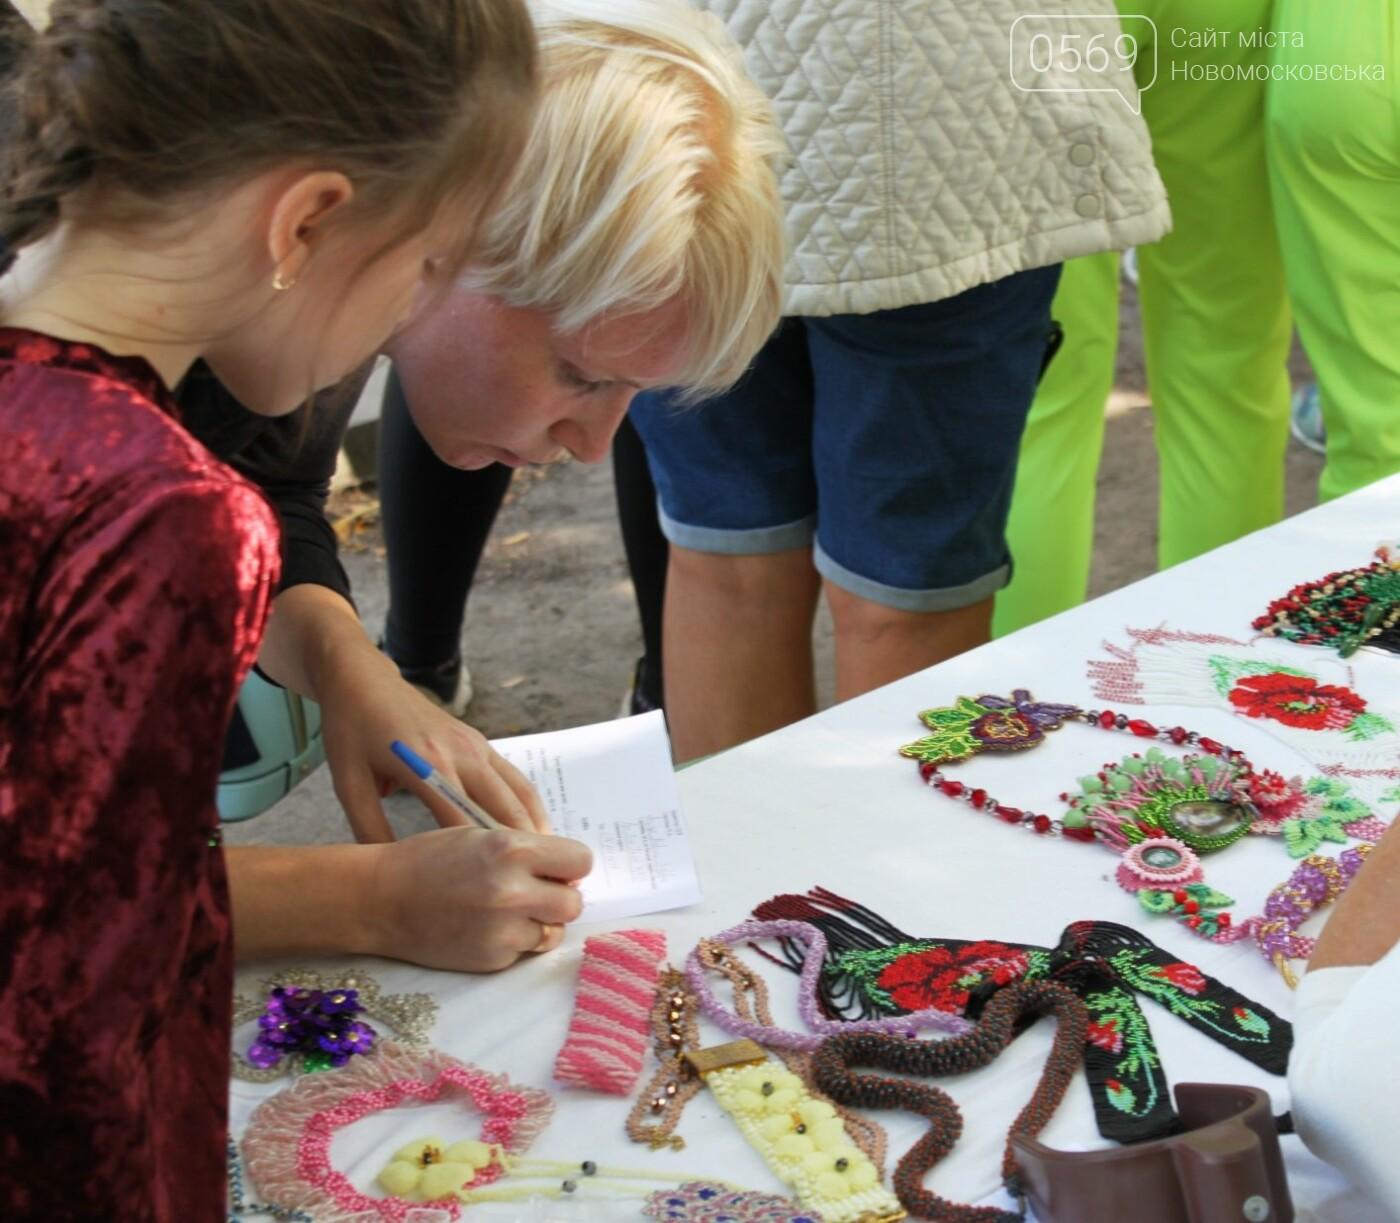 У Центрі позашкільної роботи міста Новомосковська пройшов День відкритих дверей (Фото), фото-3